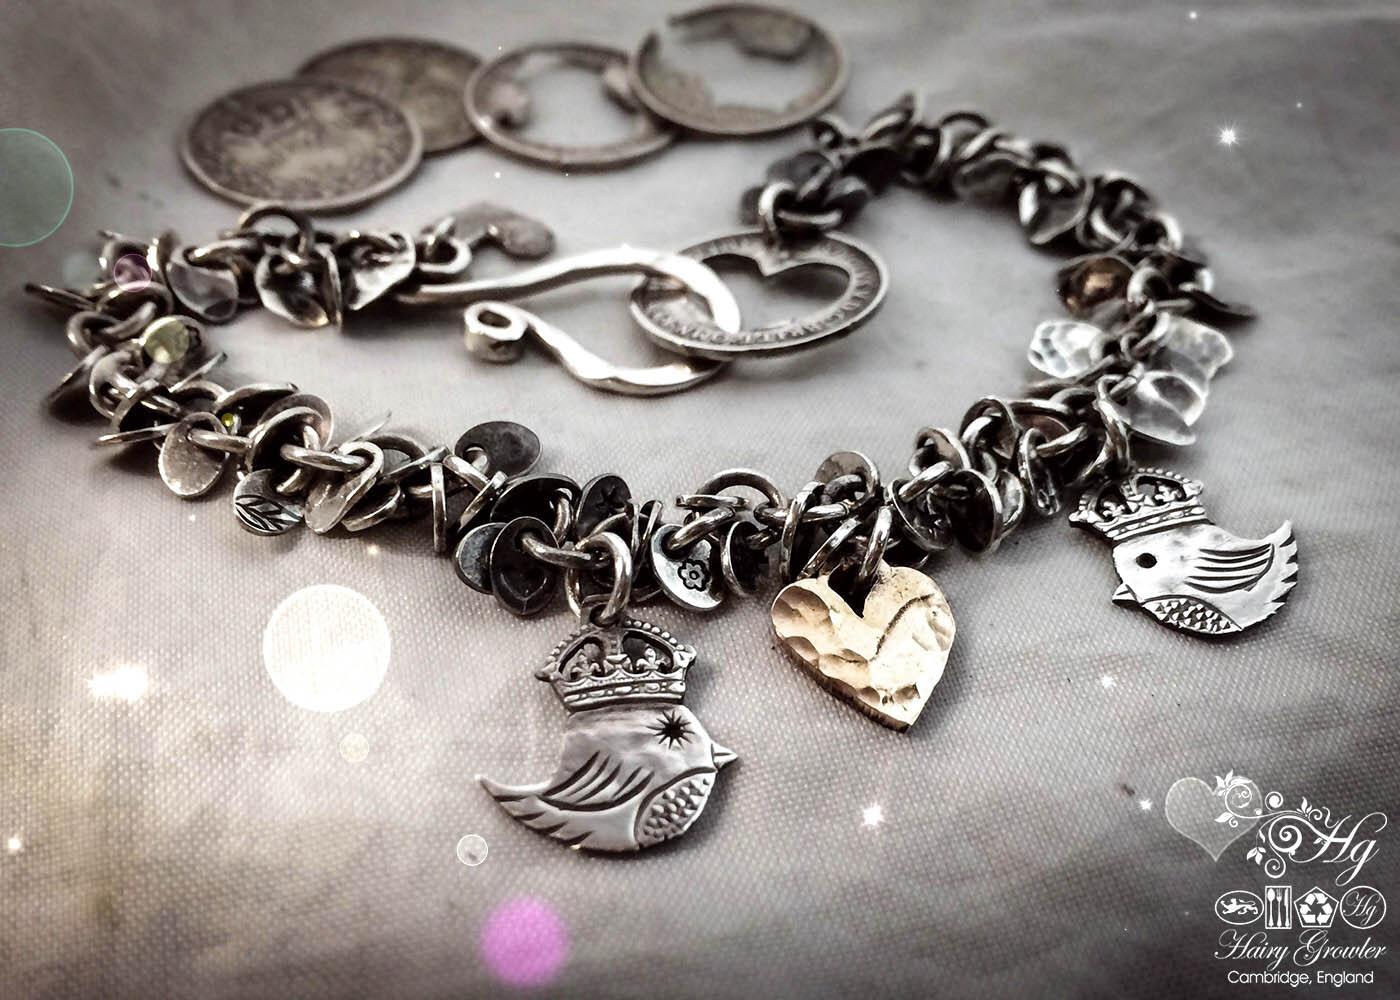 handmade teeny weeny Kingsy Queeny bird bracelet upcycled silver threepence coins